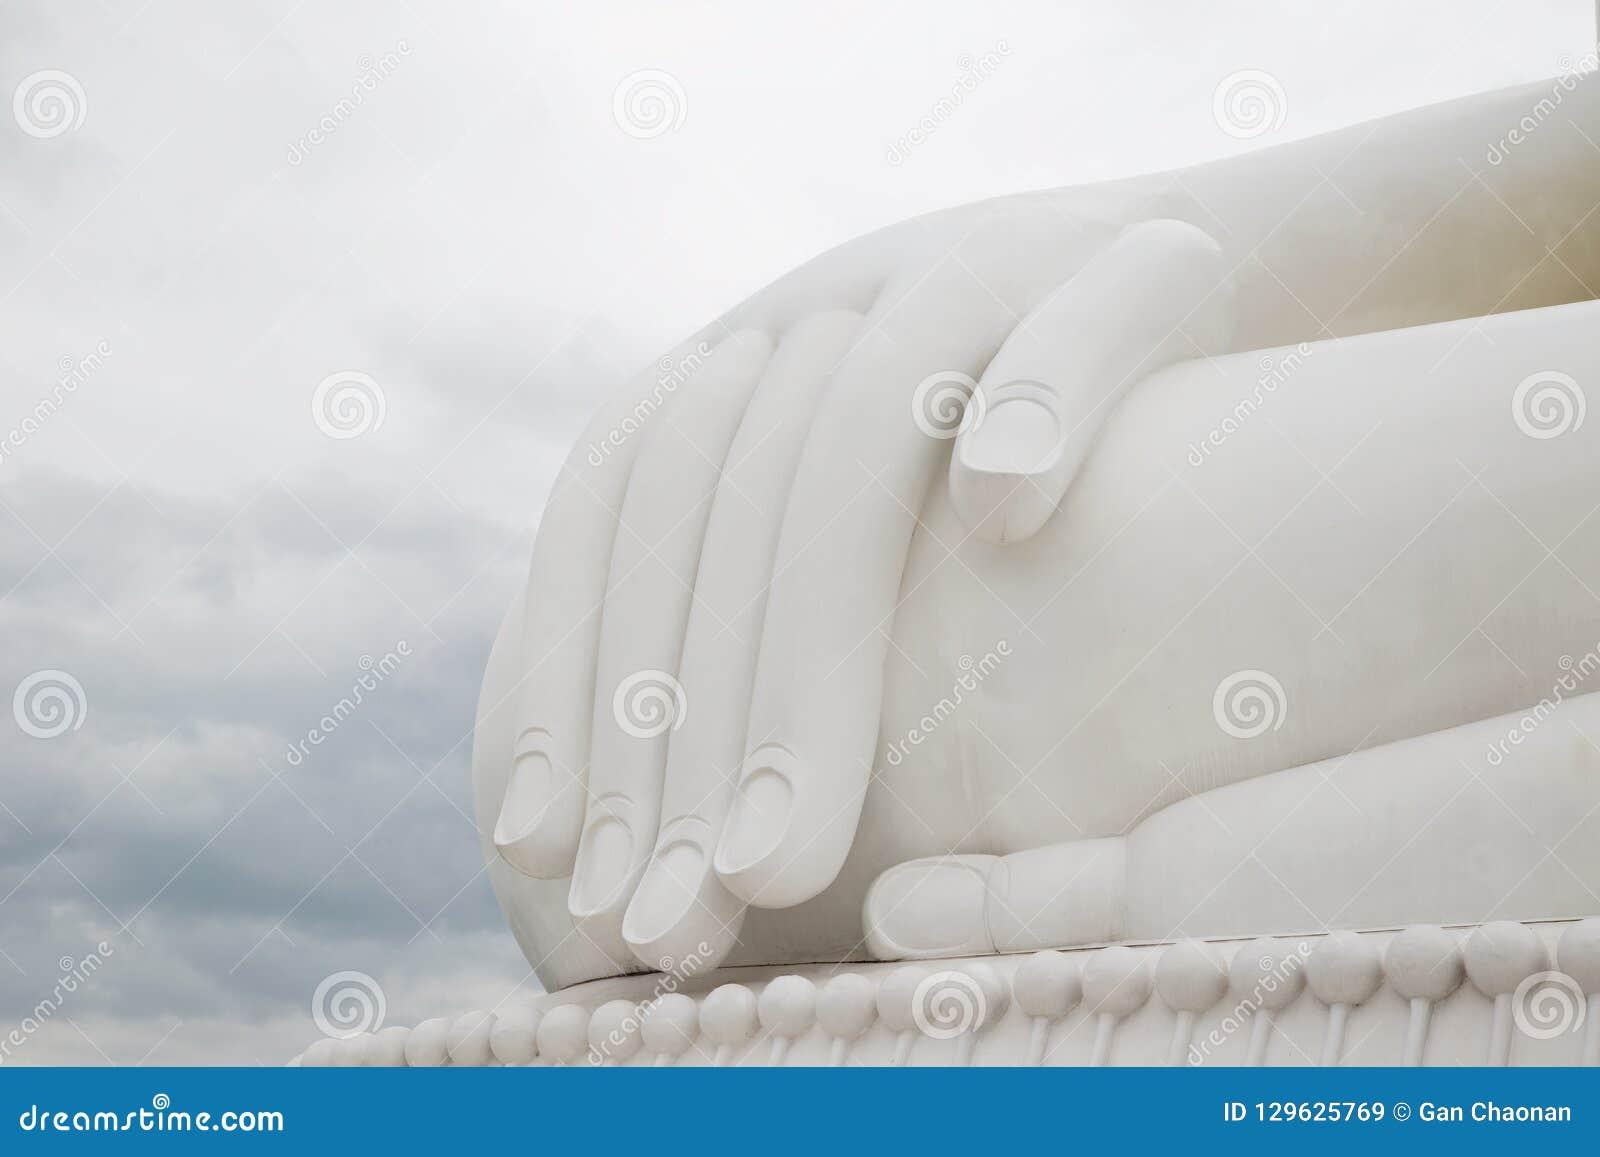 白色菩萨天蓝色背景的手